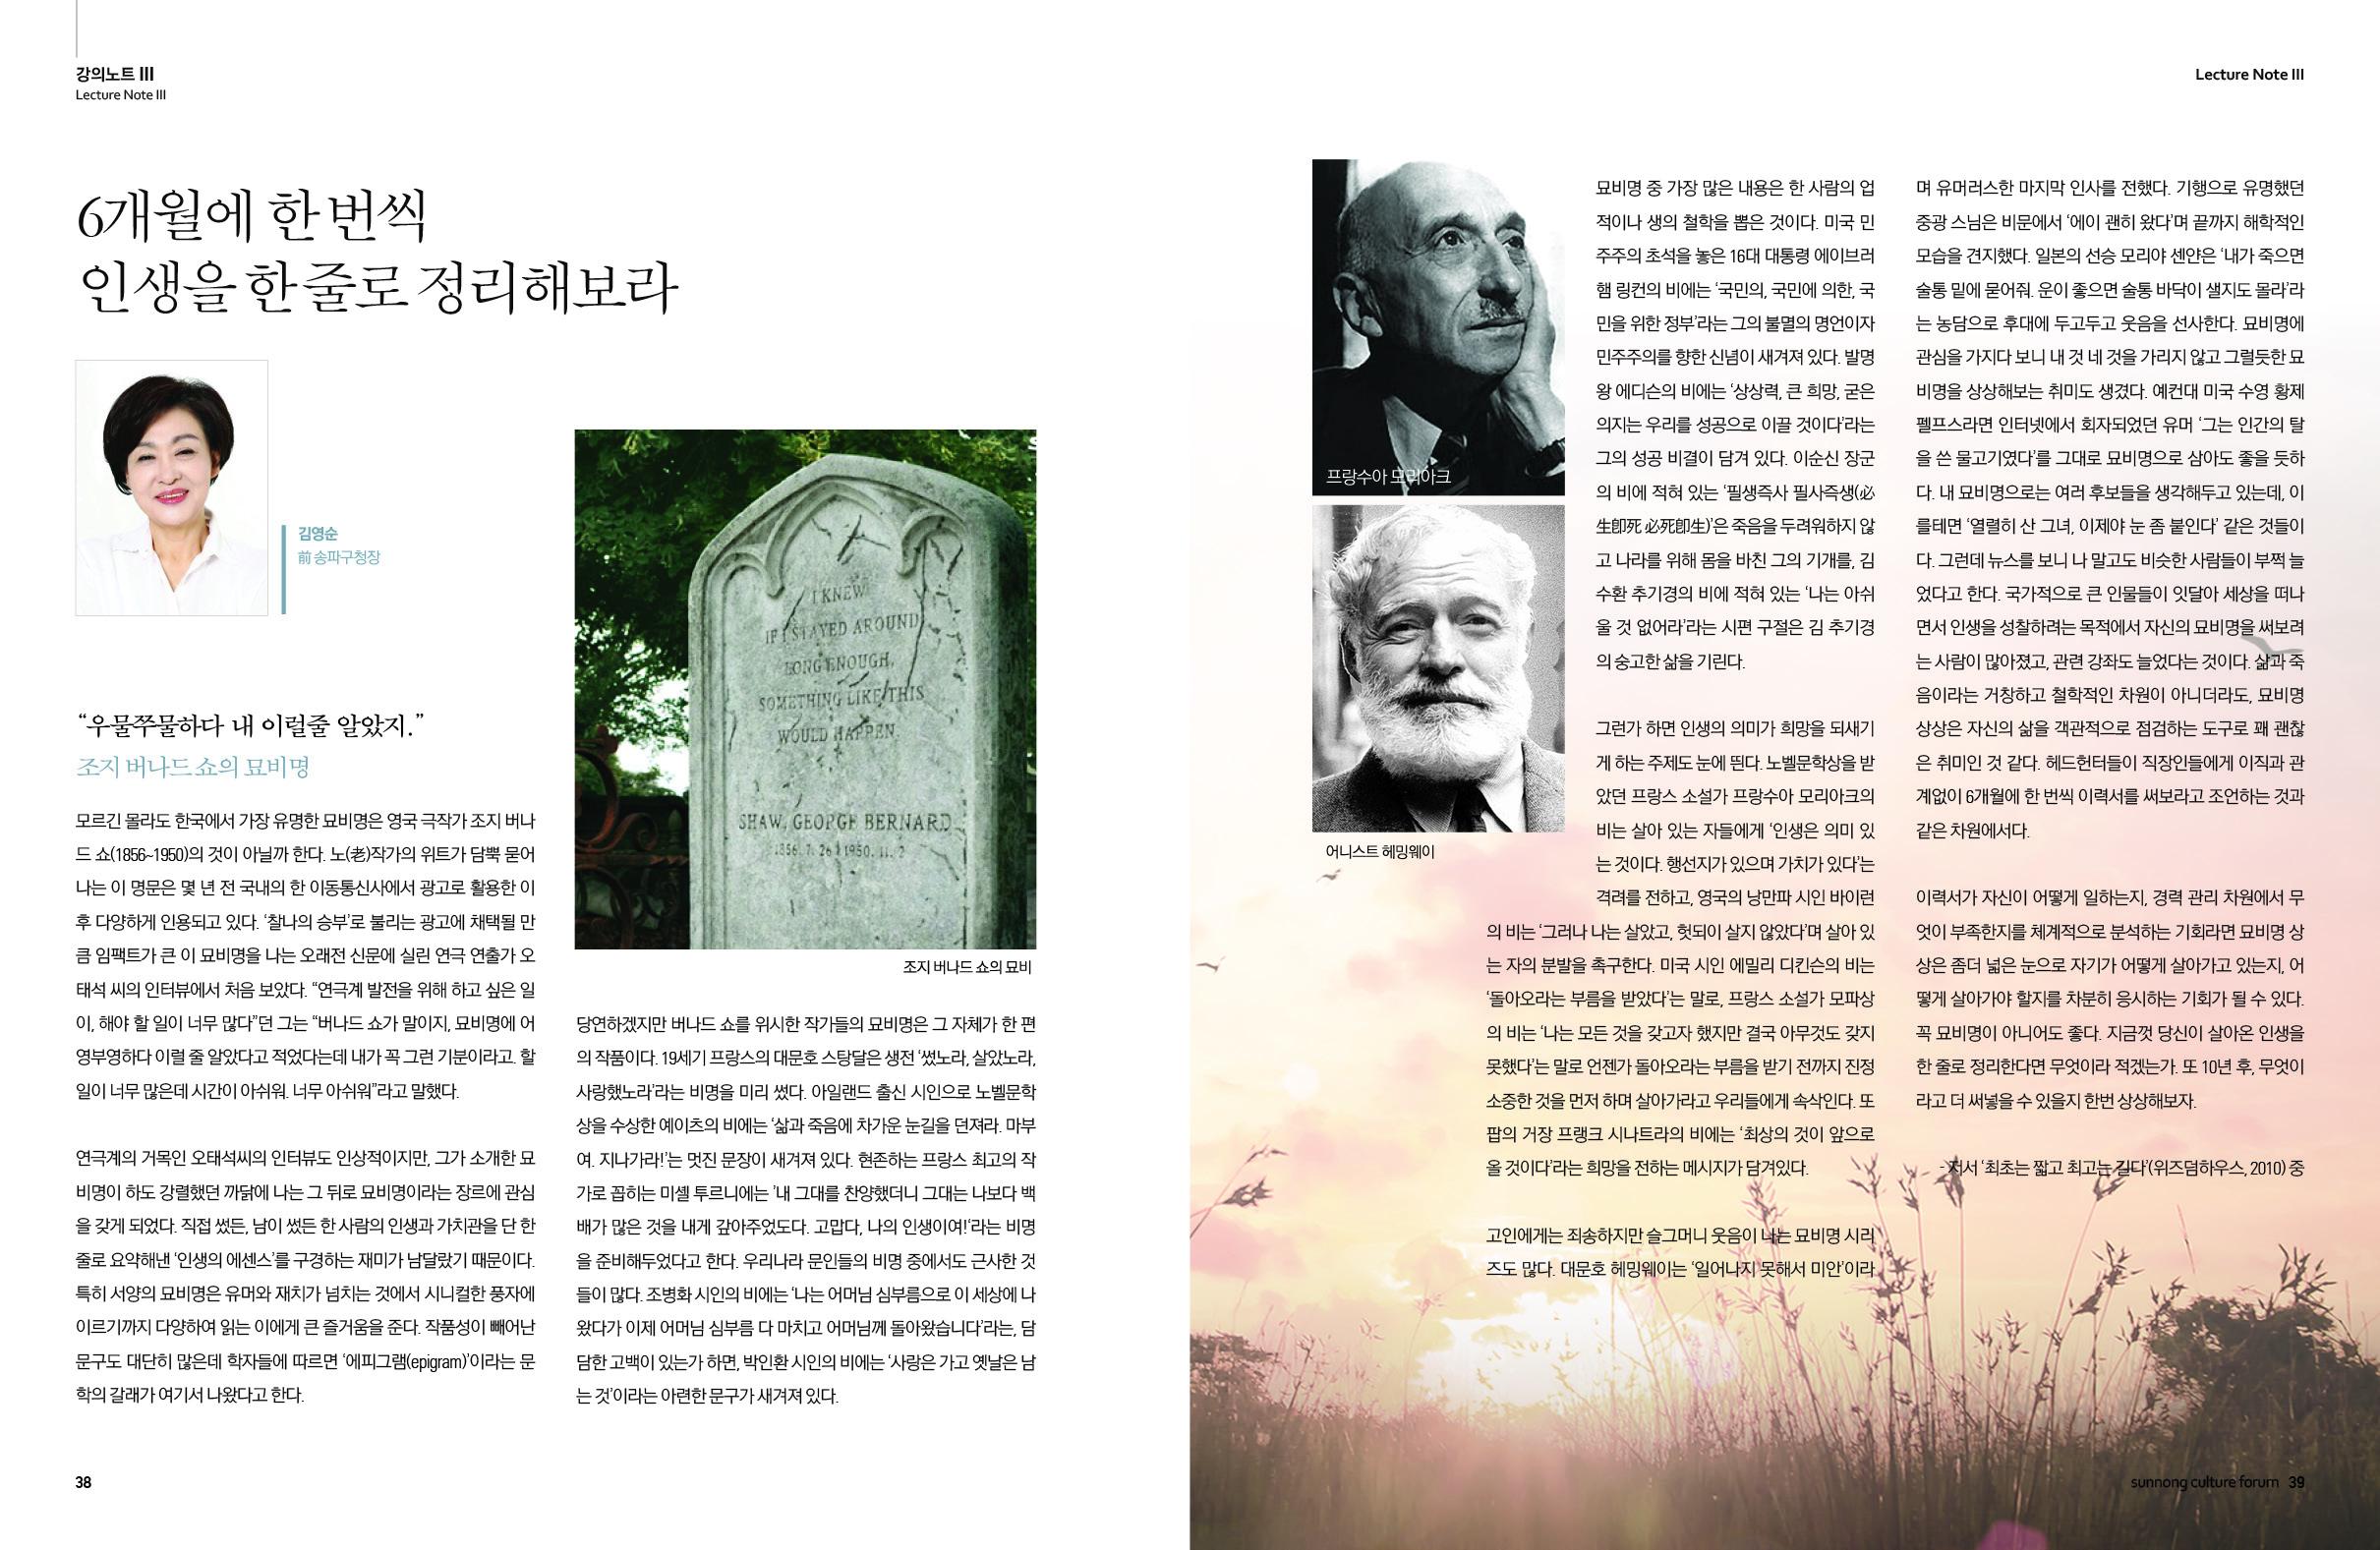 김영순_강의노트.jpg